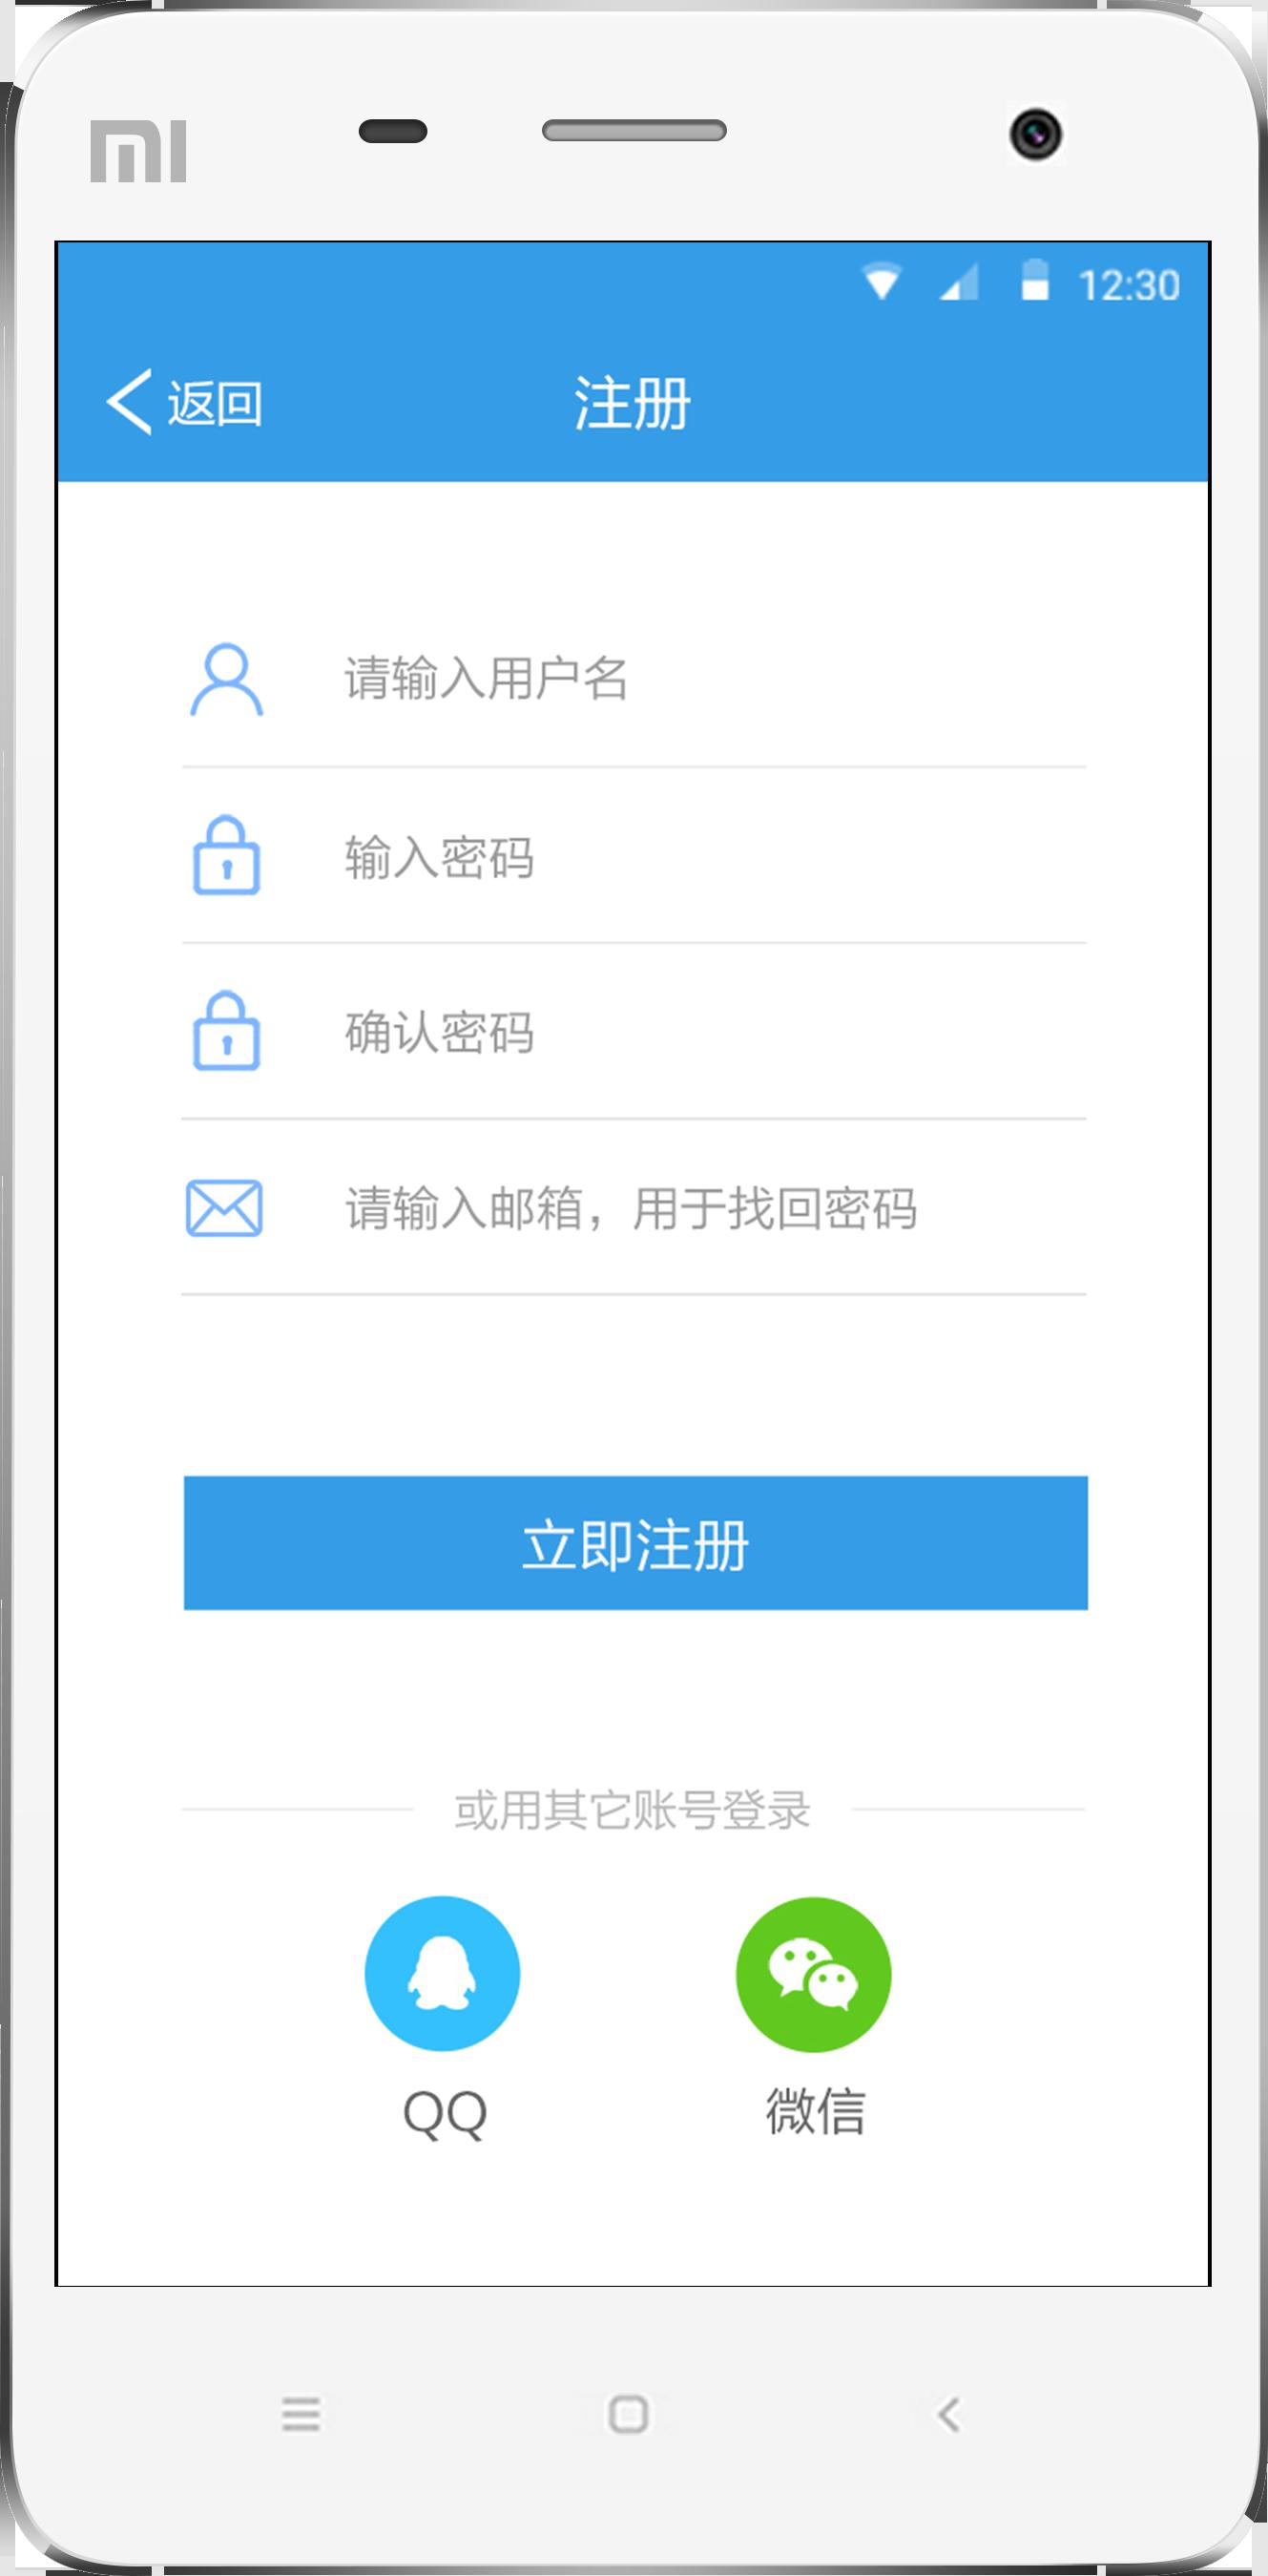 app注册页面_app独立下载页源码